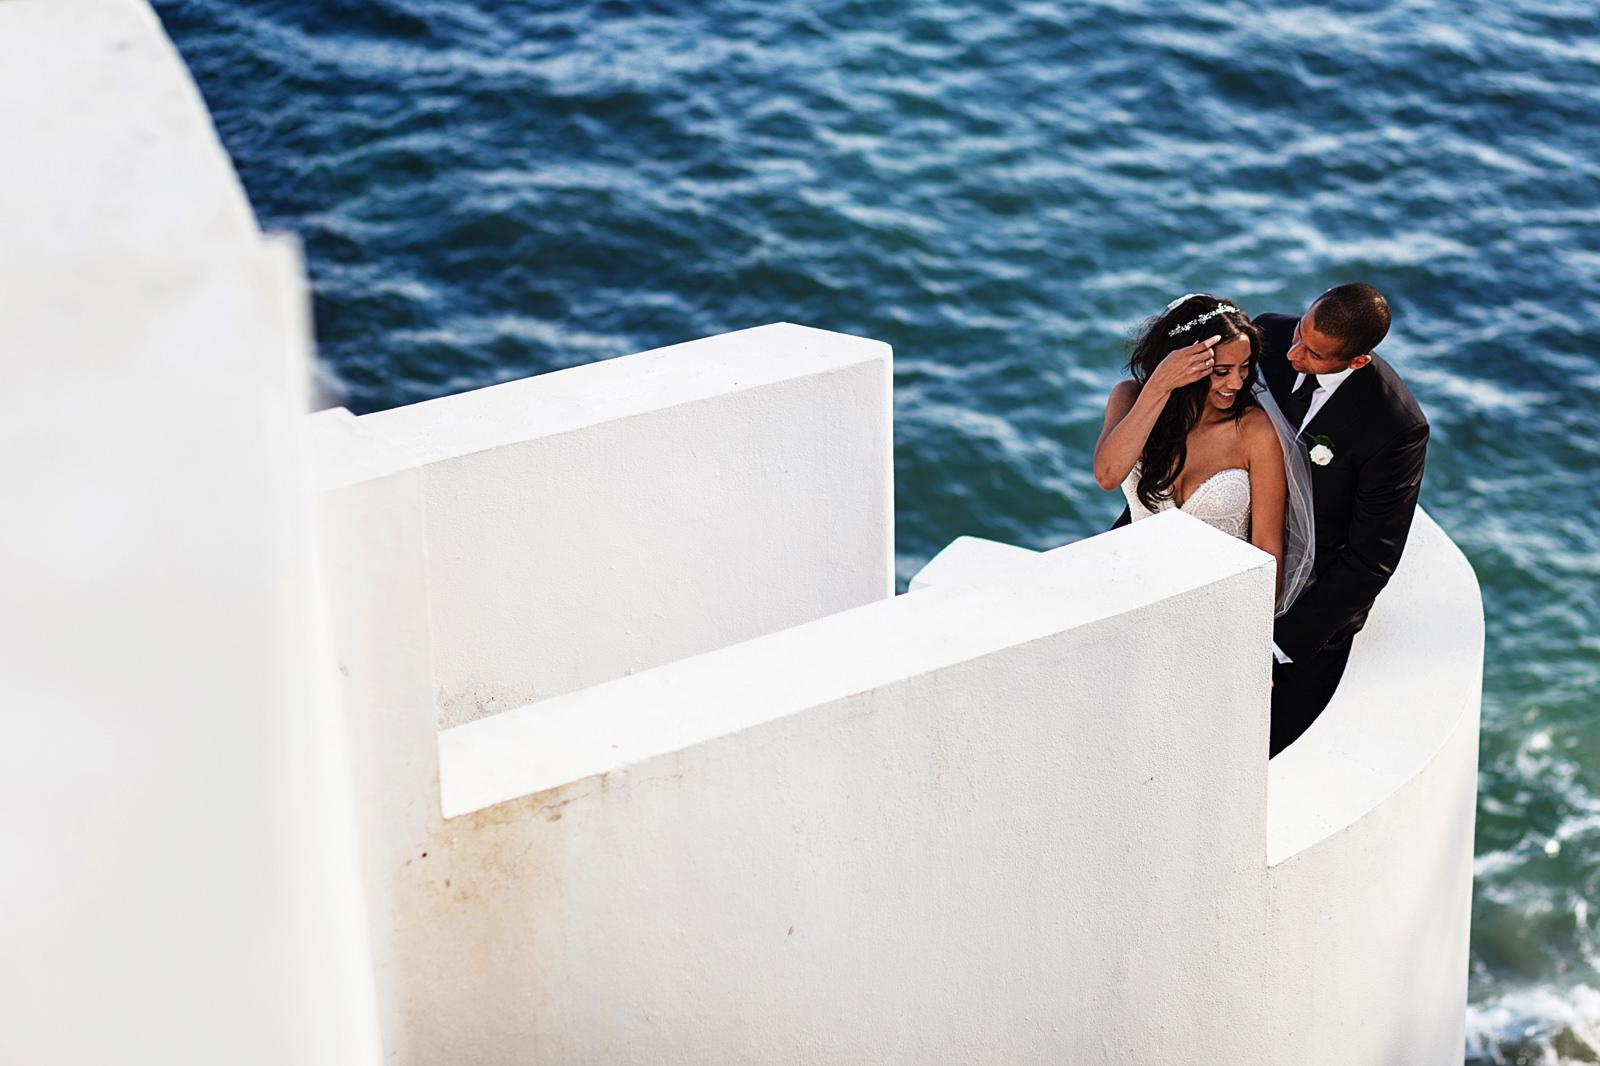 casa-china-blanca-groom-bride-portrait-pacific-ocean